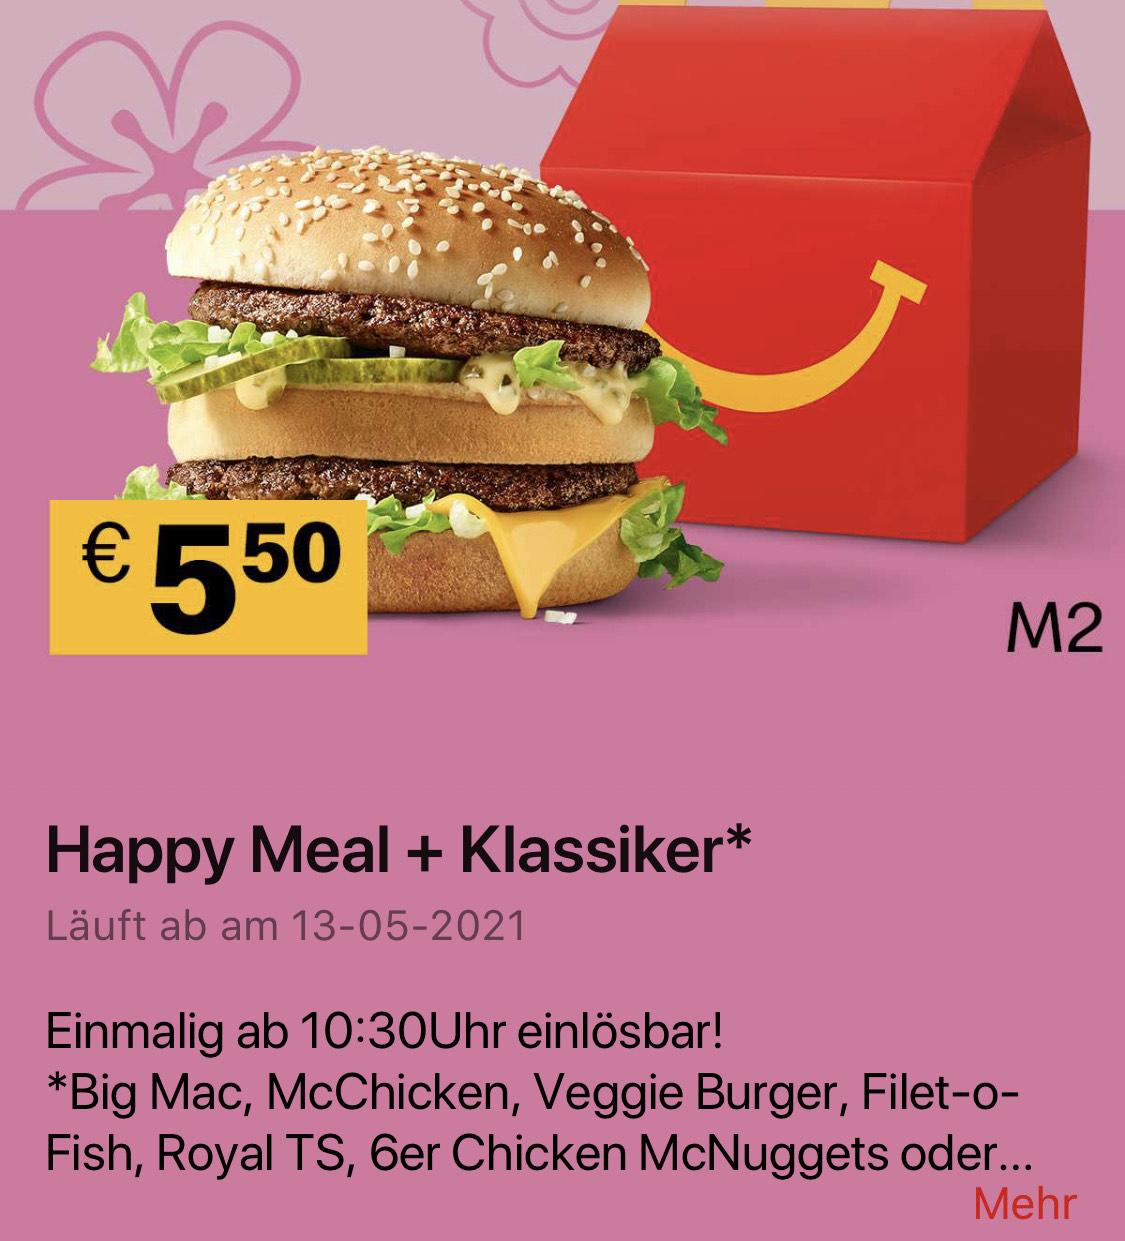 Happy Meal + Klassiker in der McDonalds App